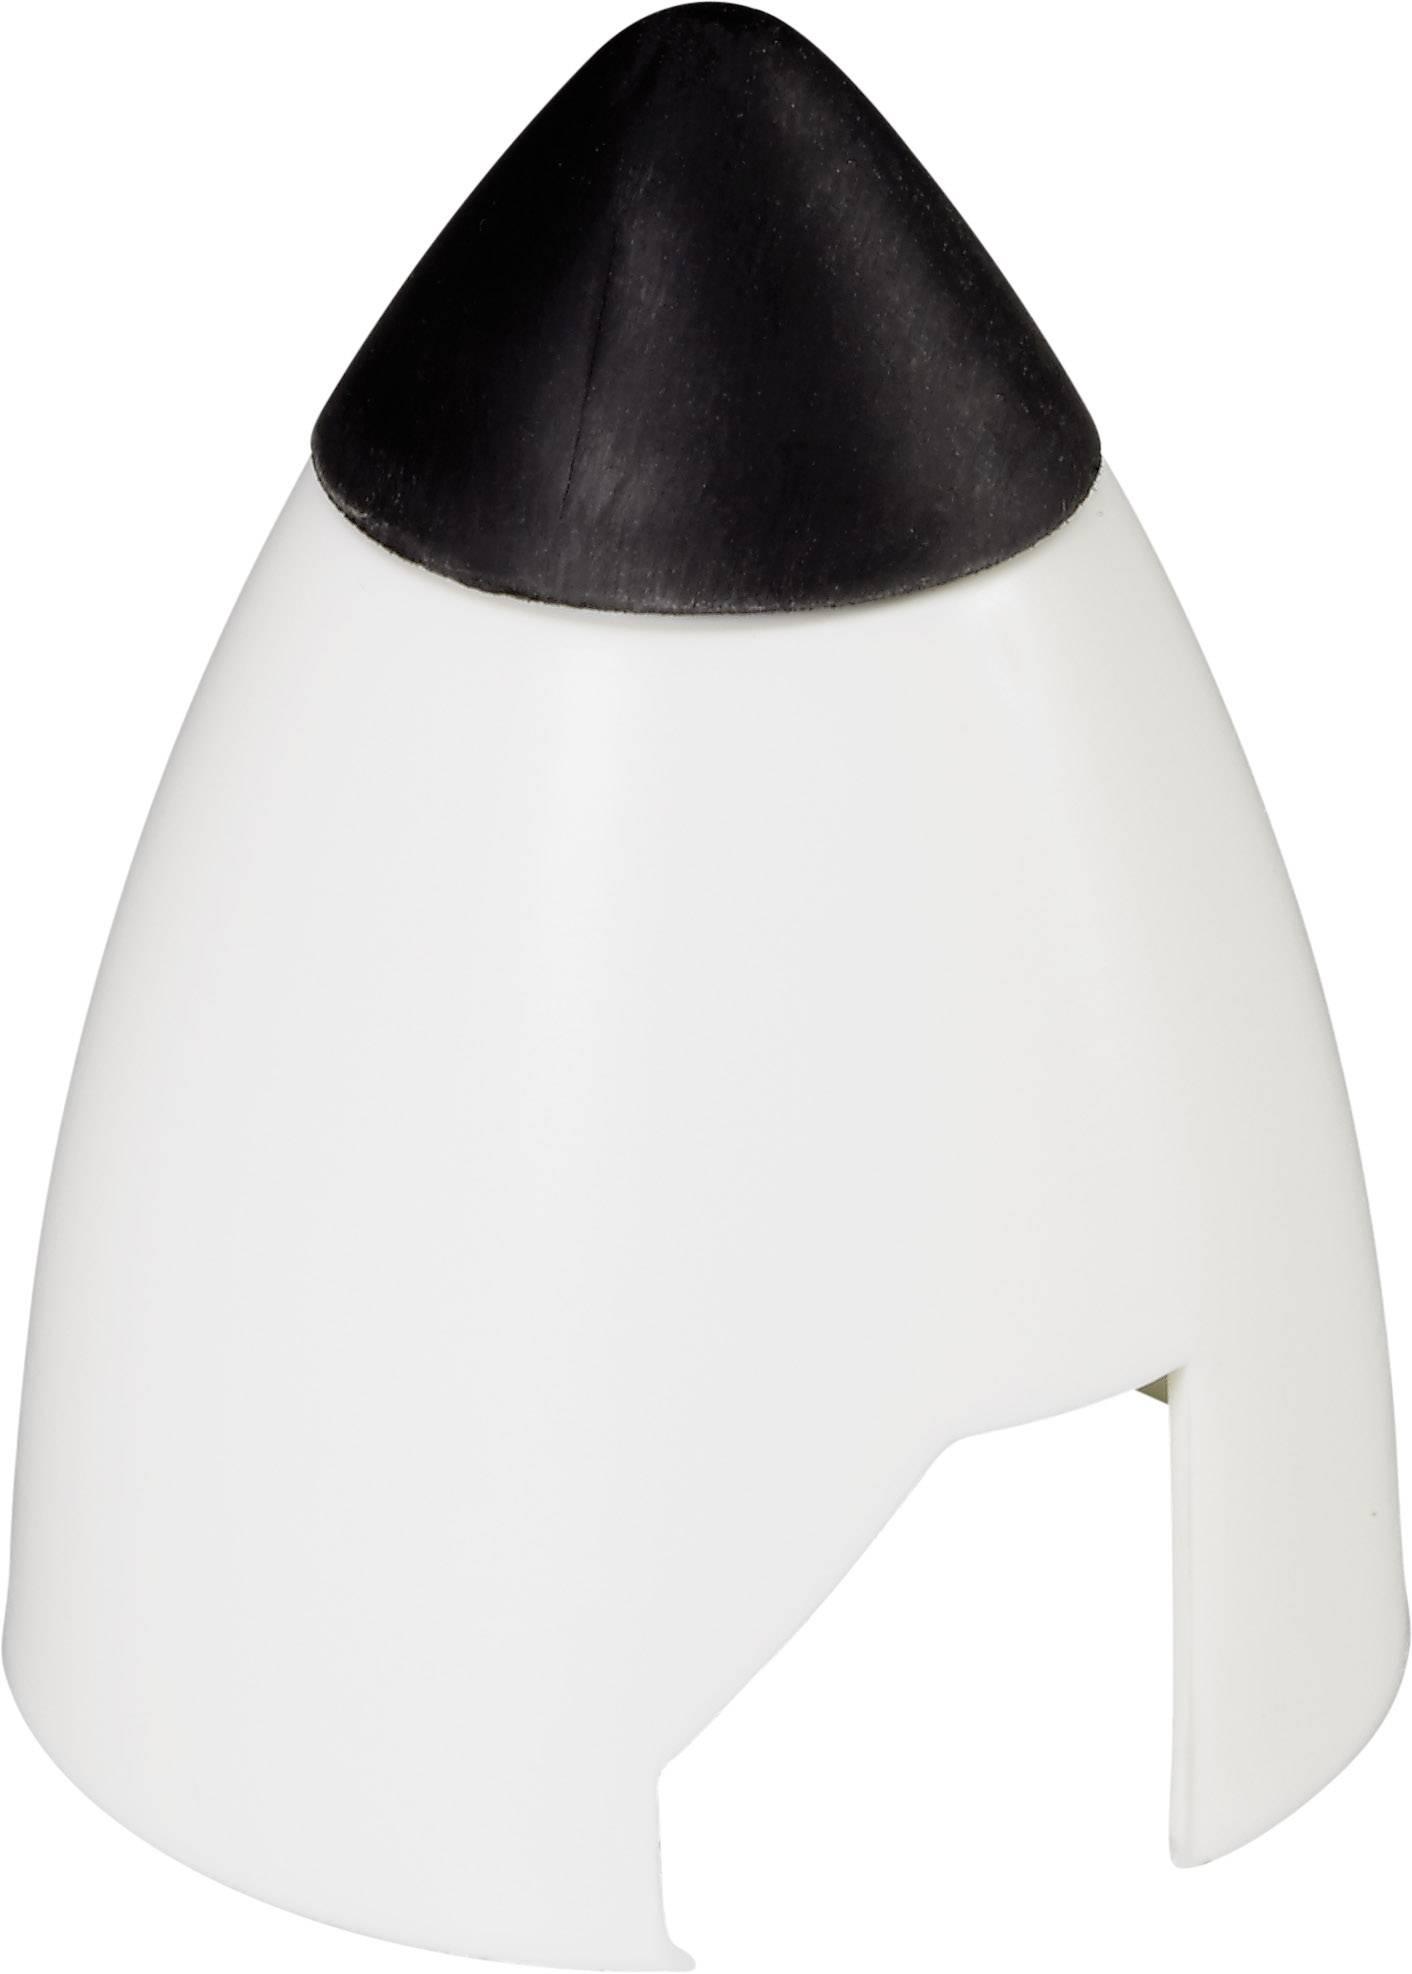 Kužel s gumovou špičkou Graupner, Ø 40 mm, bílá